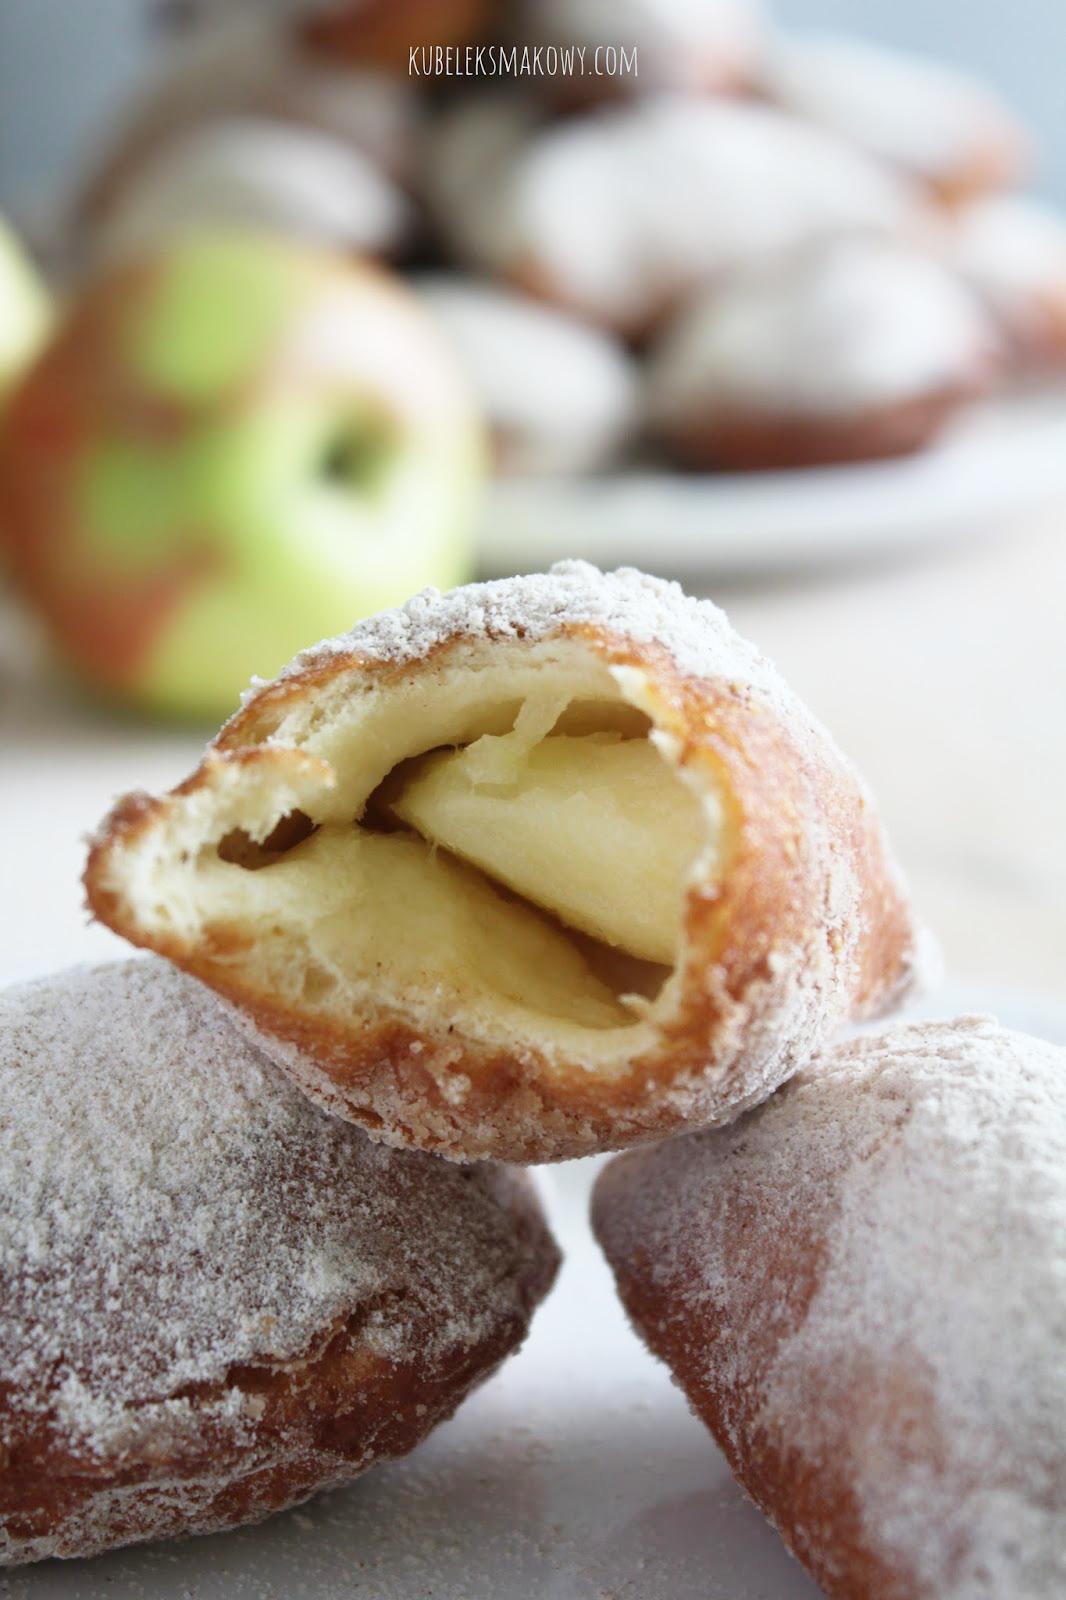 drożdżowe pierożki wileńskie z jabłkami - przepis